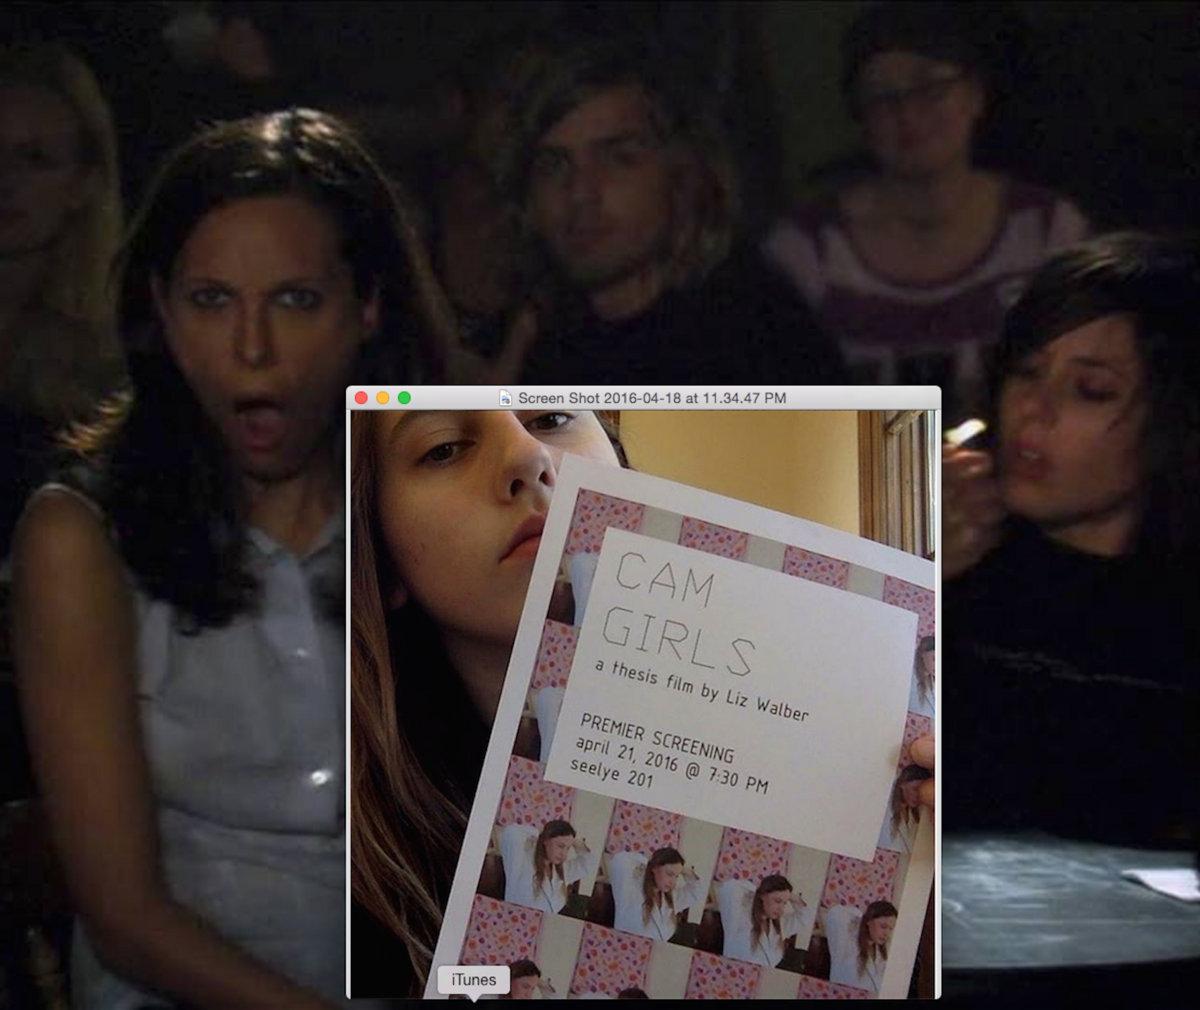 LYNN: Girls with cam